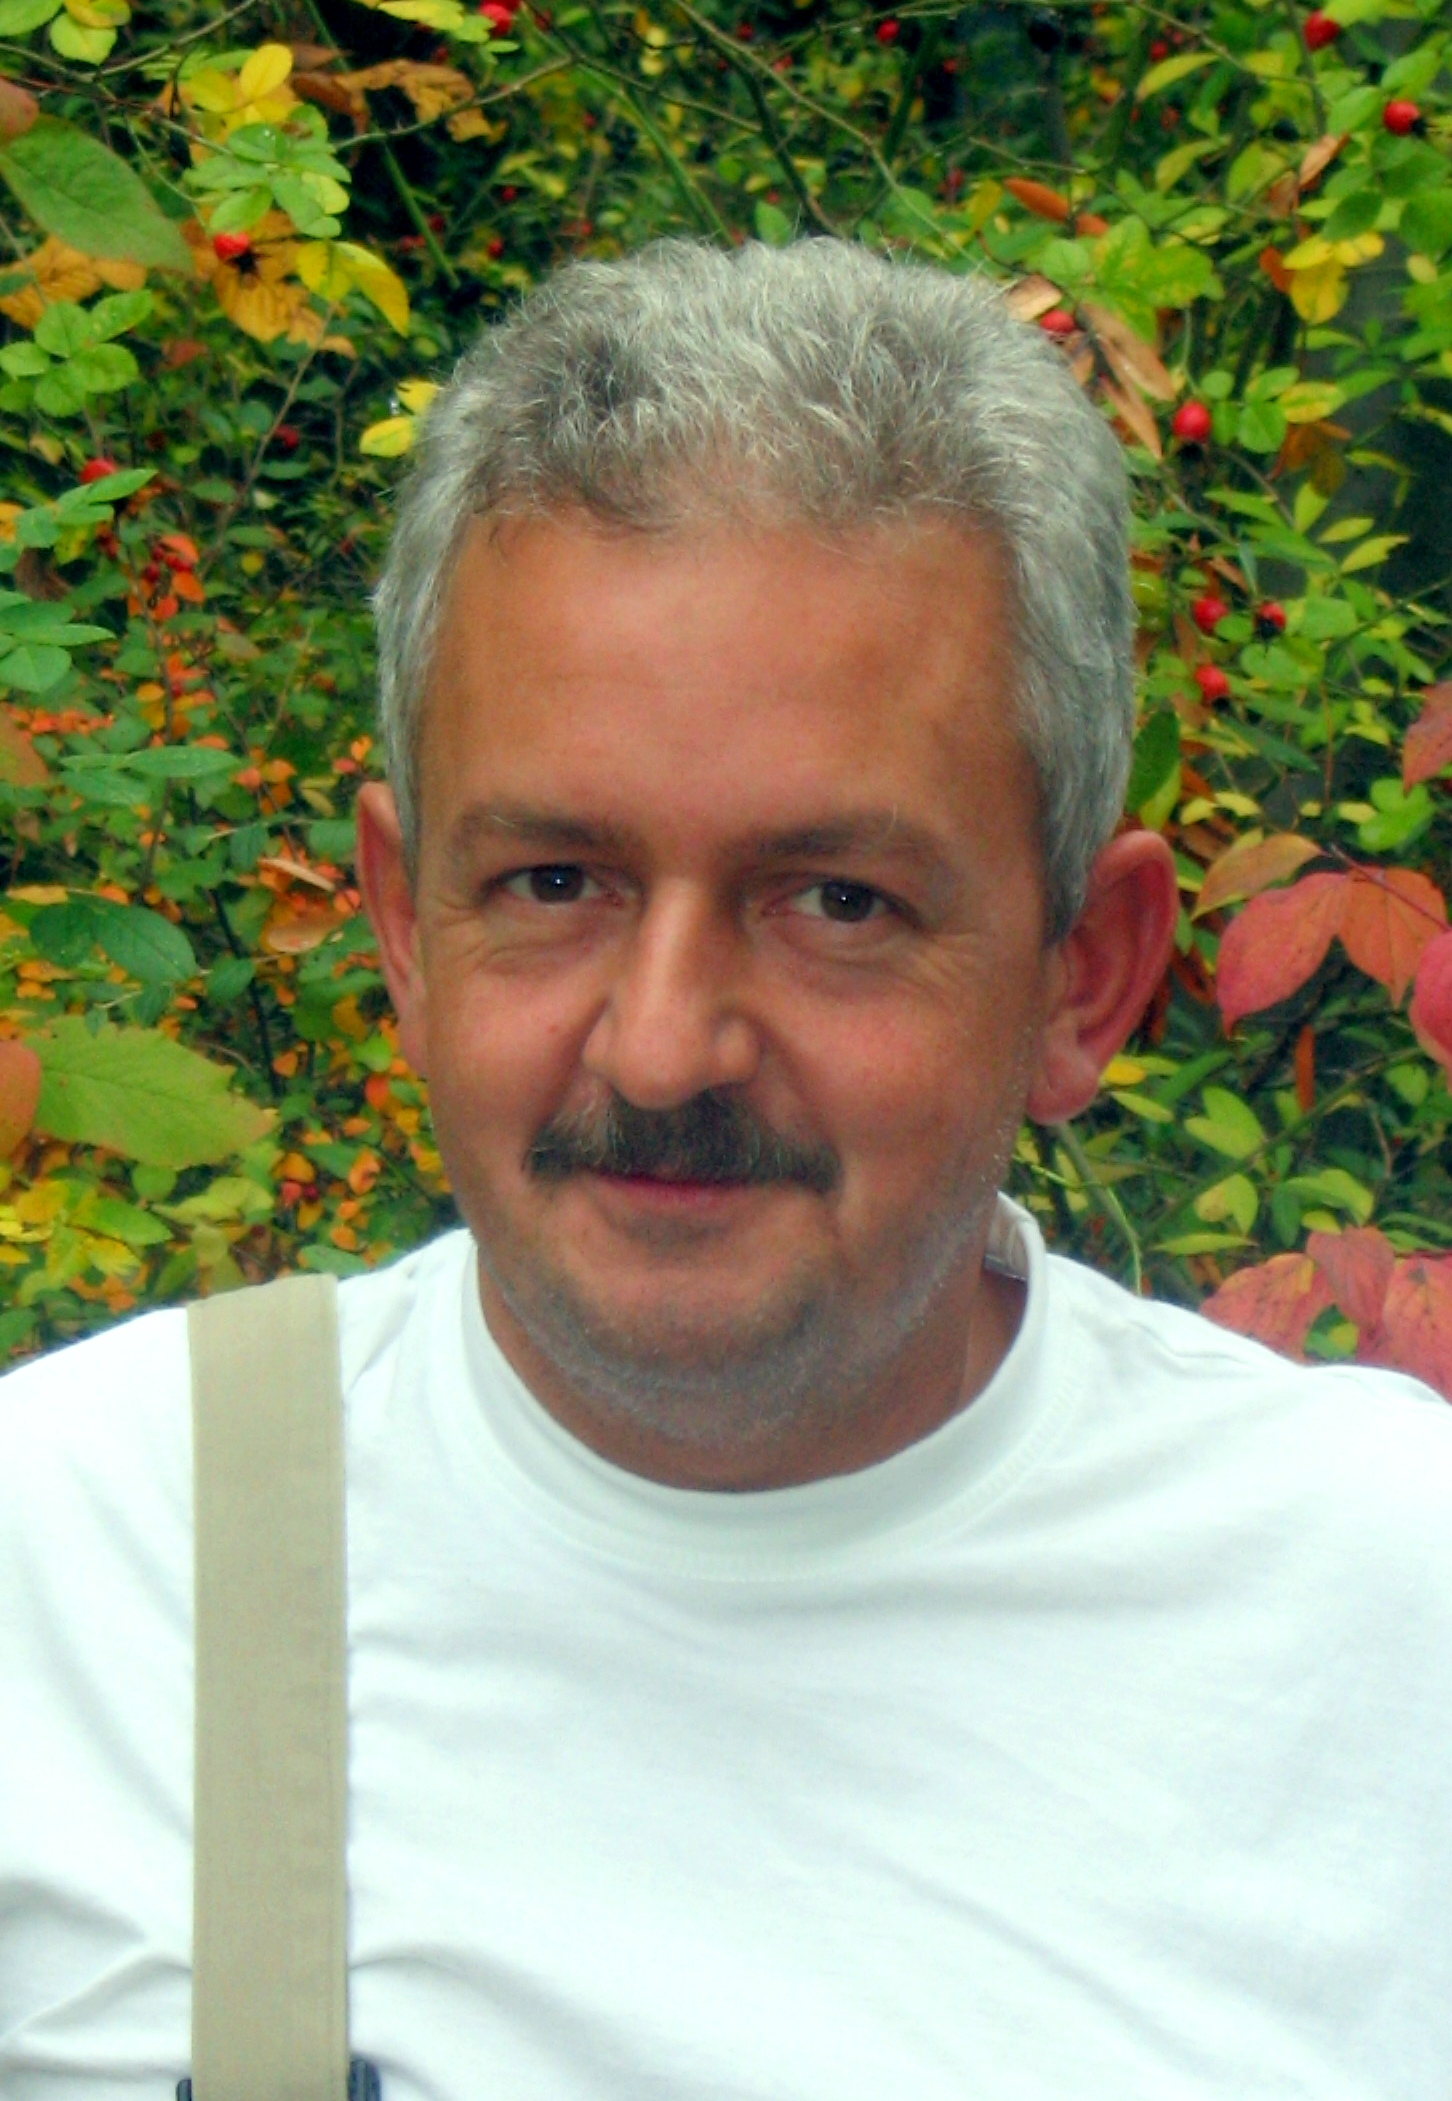 Peter Reinhard